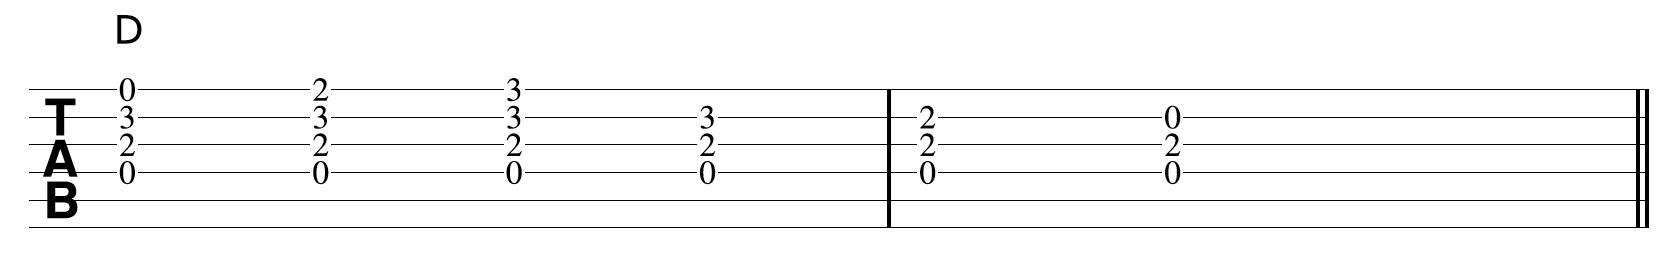 Creative Guitar Chord D Diatonic 1